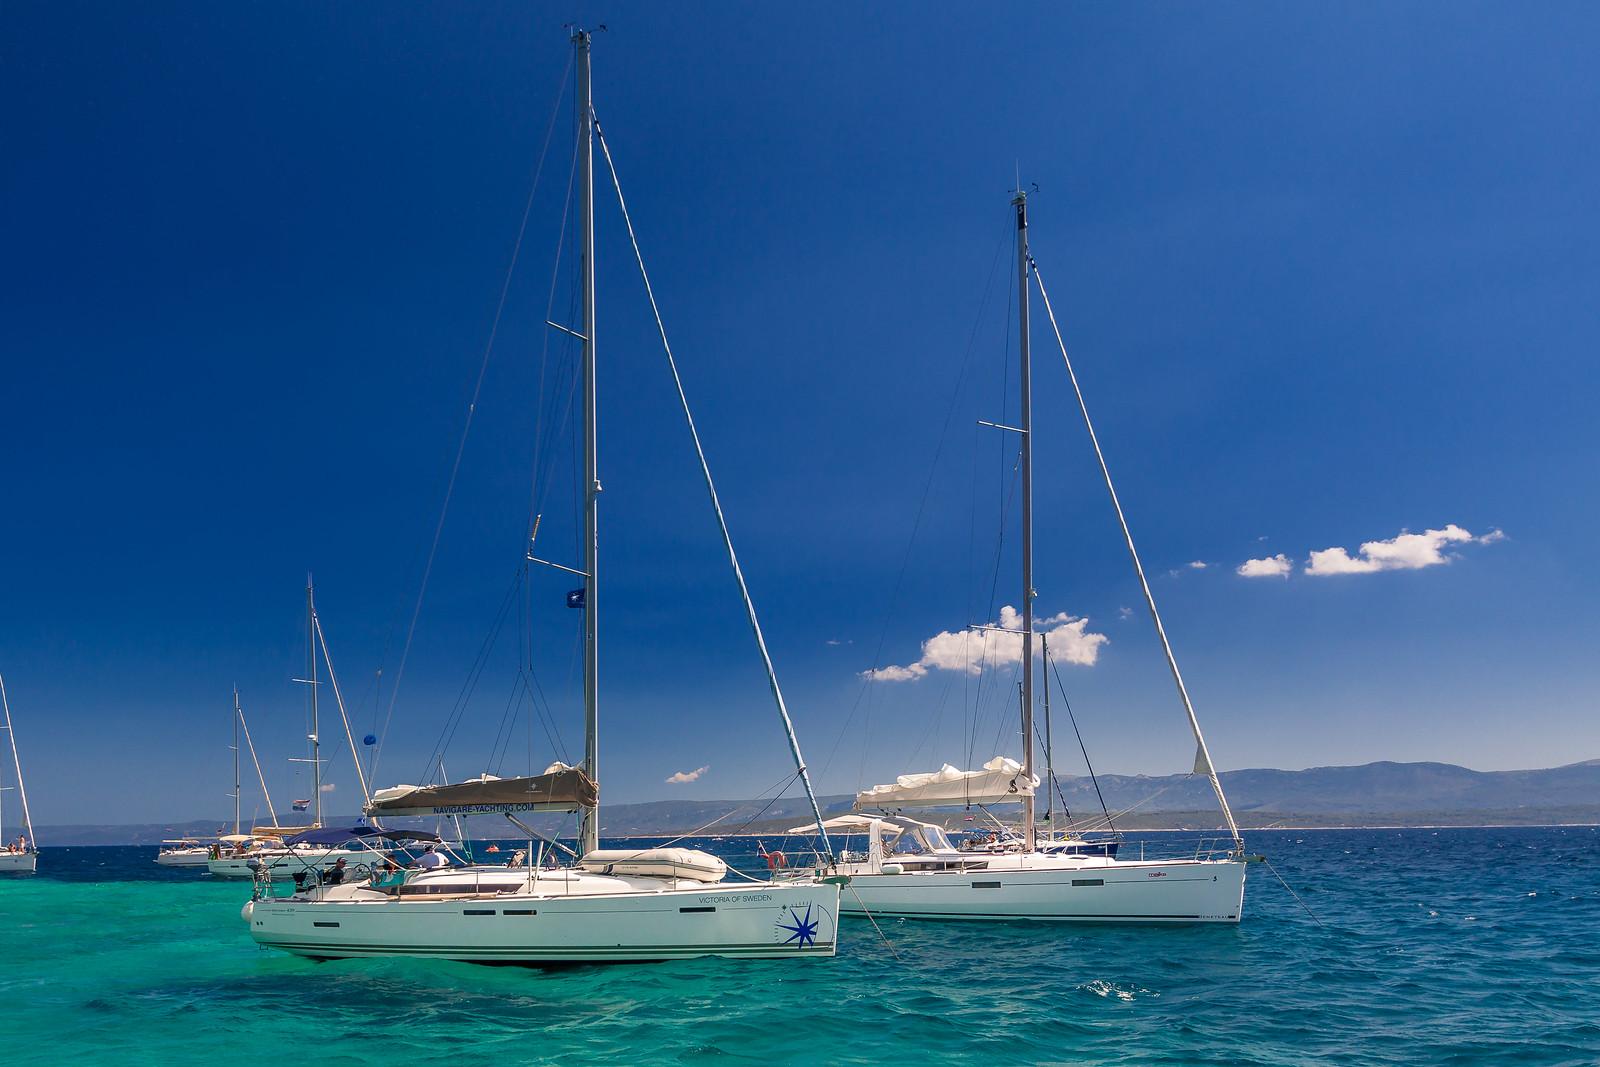 Яхти на якорі біля Золотого мису на острові Брач, Хорватія